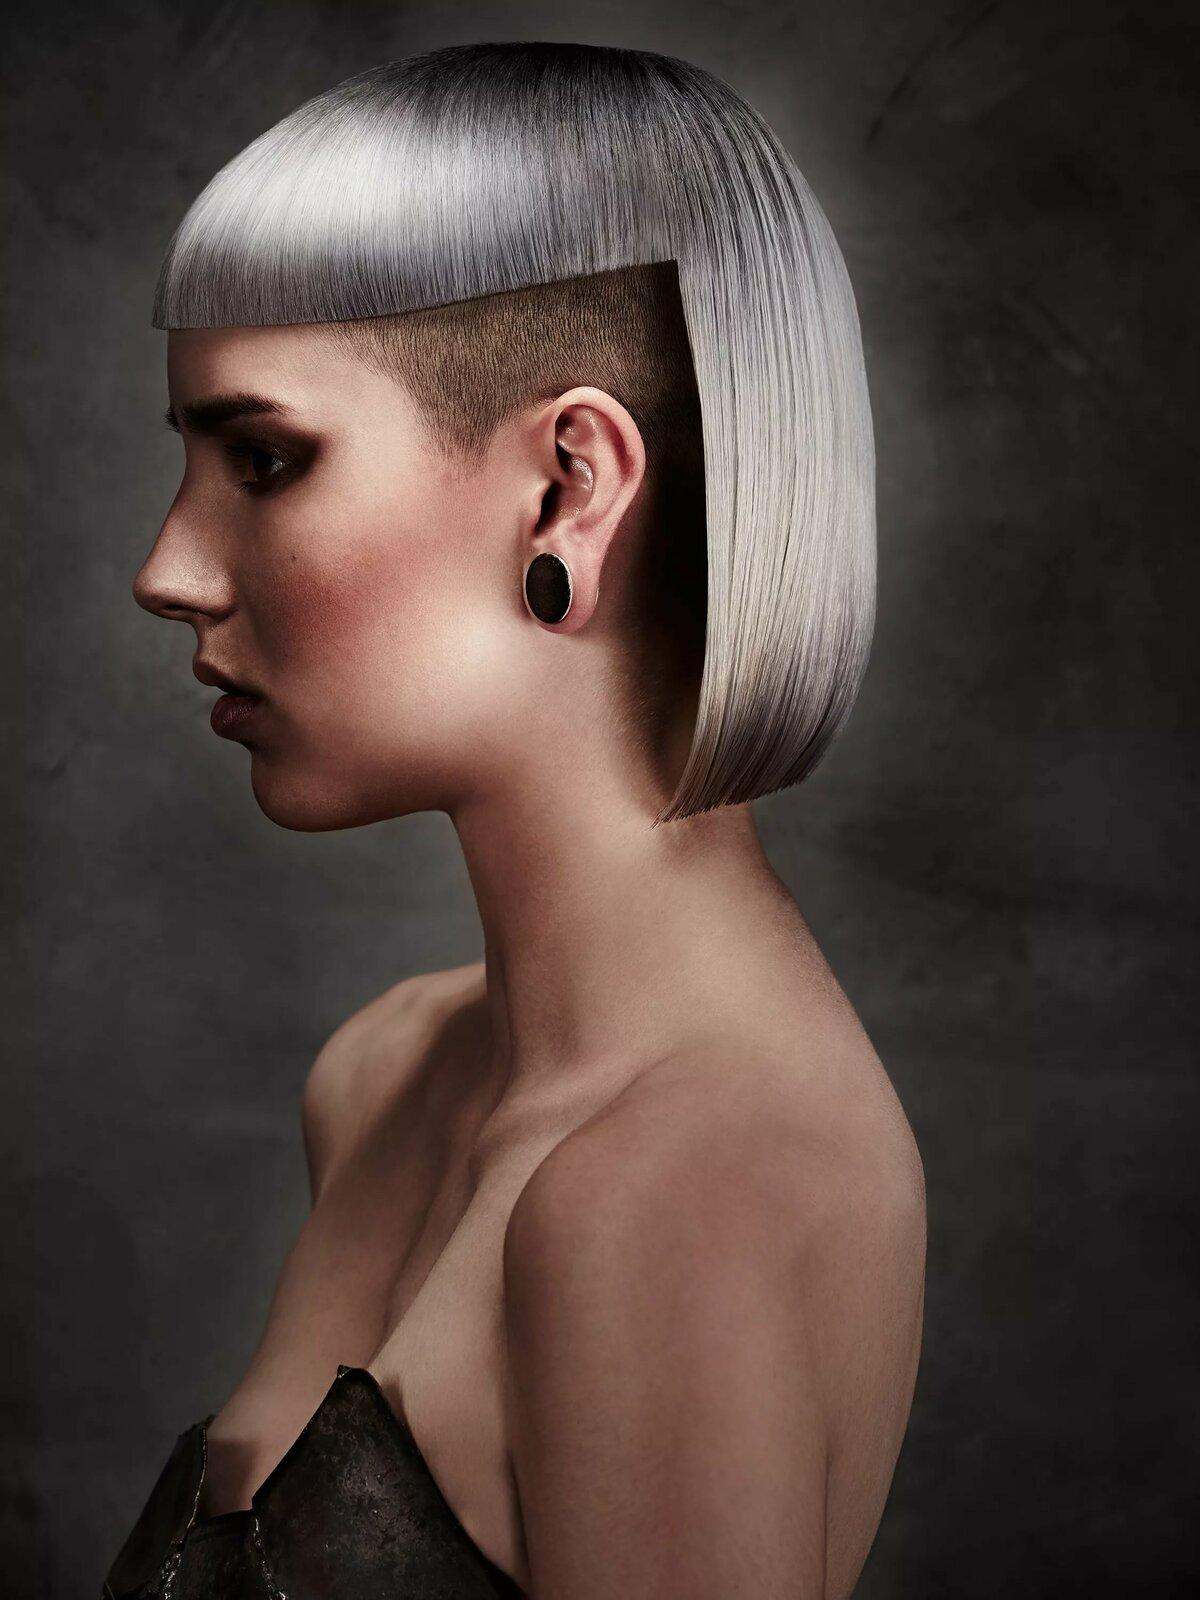 расположен креативные стрижки средних волос в картинках сколько клиентов